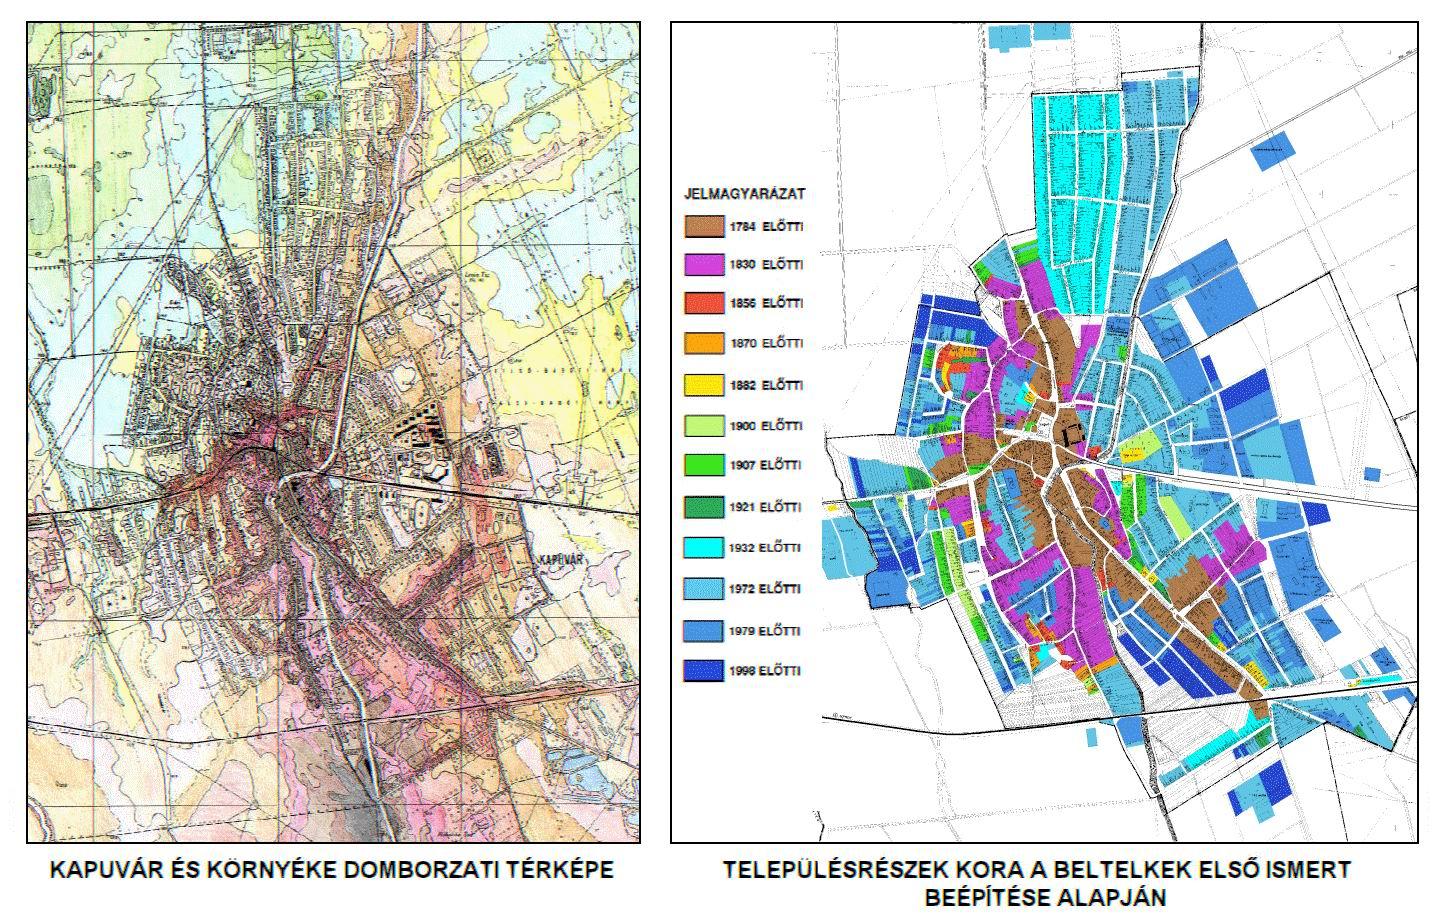 magyarország térkép kapuvár Észak dunántúli történeti településalaprajzok kutatása magyarország térkép kapuvár